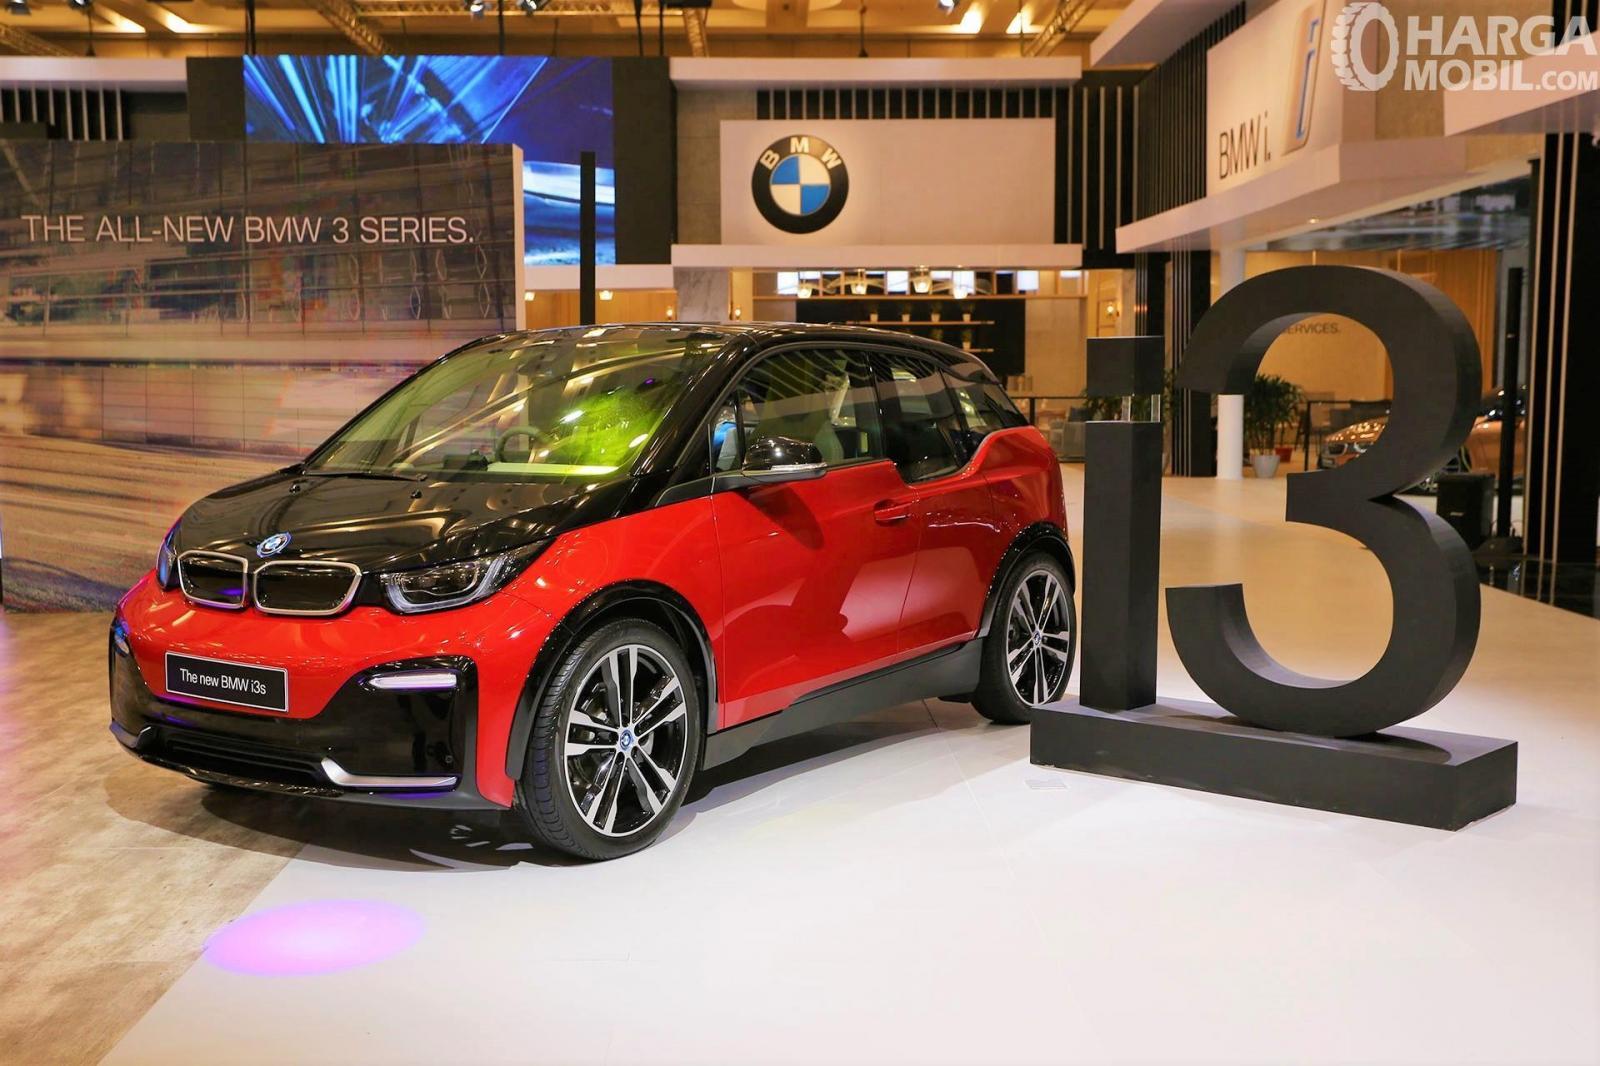 Foto BMW i3s 2019 tampak dari samping depan saat diluncurkan di GIIAS 2019